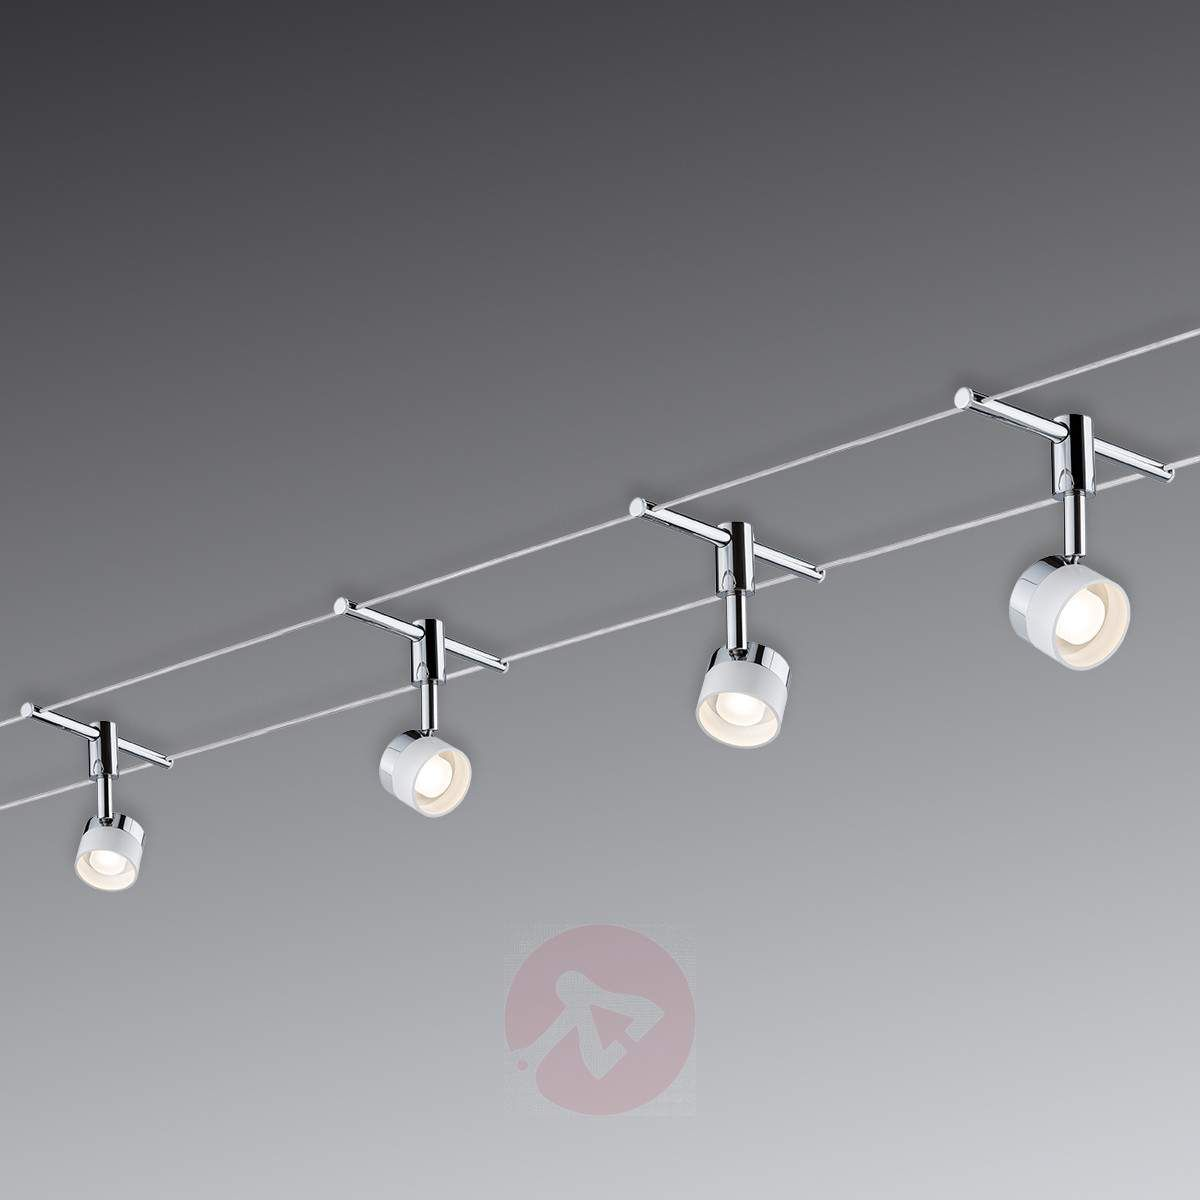 Full Size of Deckenlampen Wohnzimmer Modern Ikea Küche Kosten Betten 160x200 Bad Lampen Designer Esstisch Sofa Mit Schlaffunktion Kaufen Stehlampen Für Schlafzimmer Led Wohnzimmer Ikea Lampen